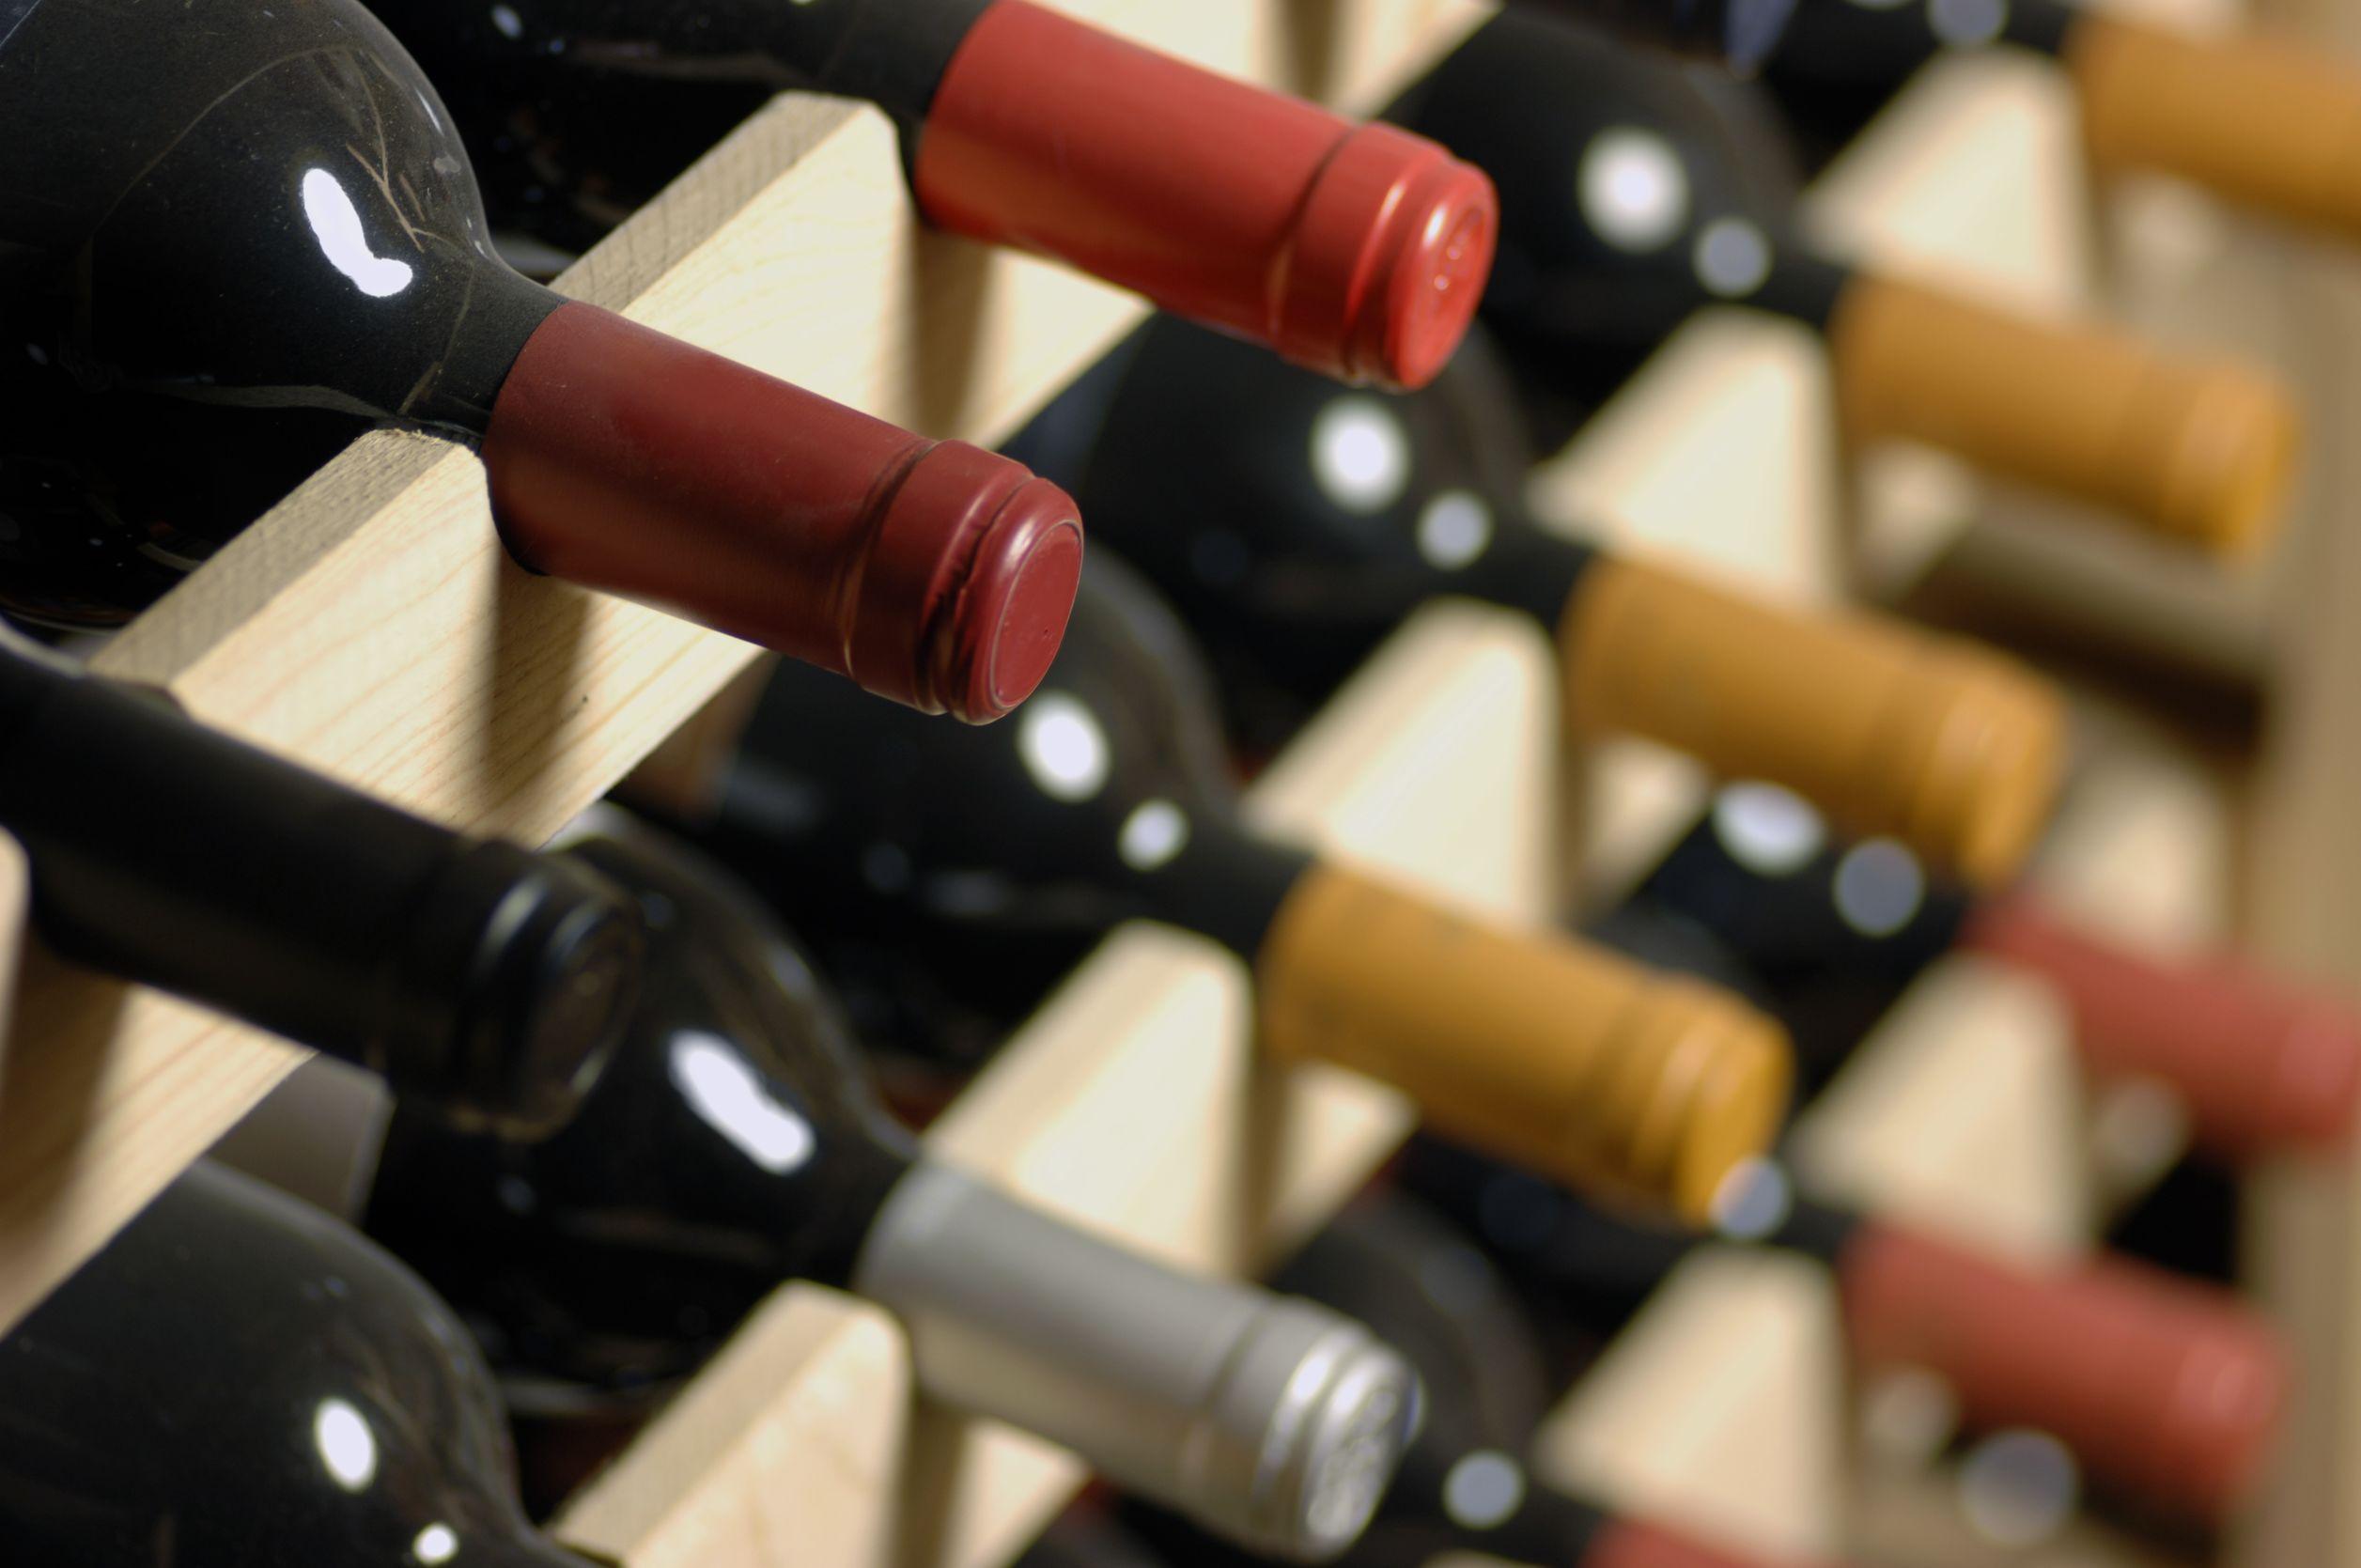 Weinschrank: Test & Empfehlungen (10/20)